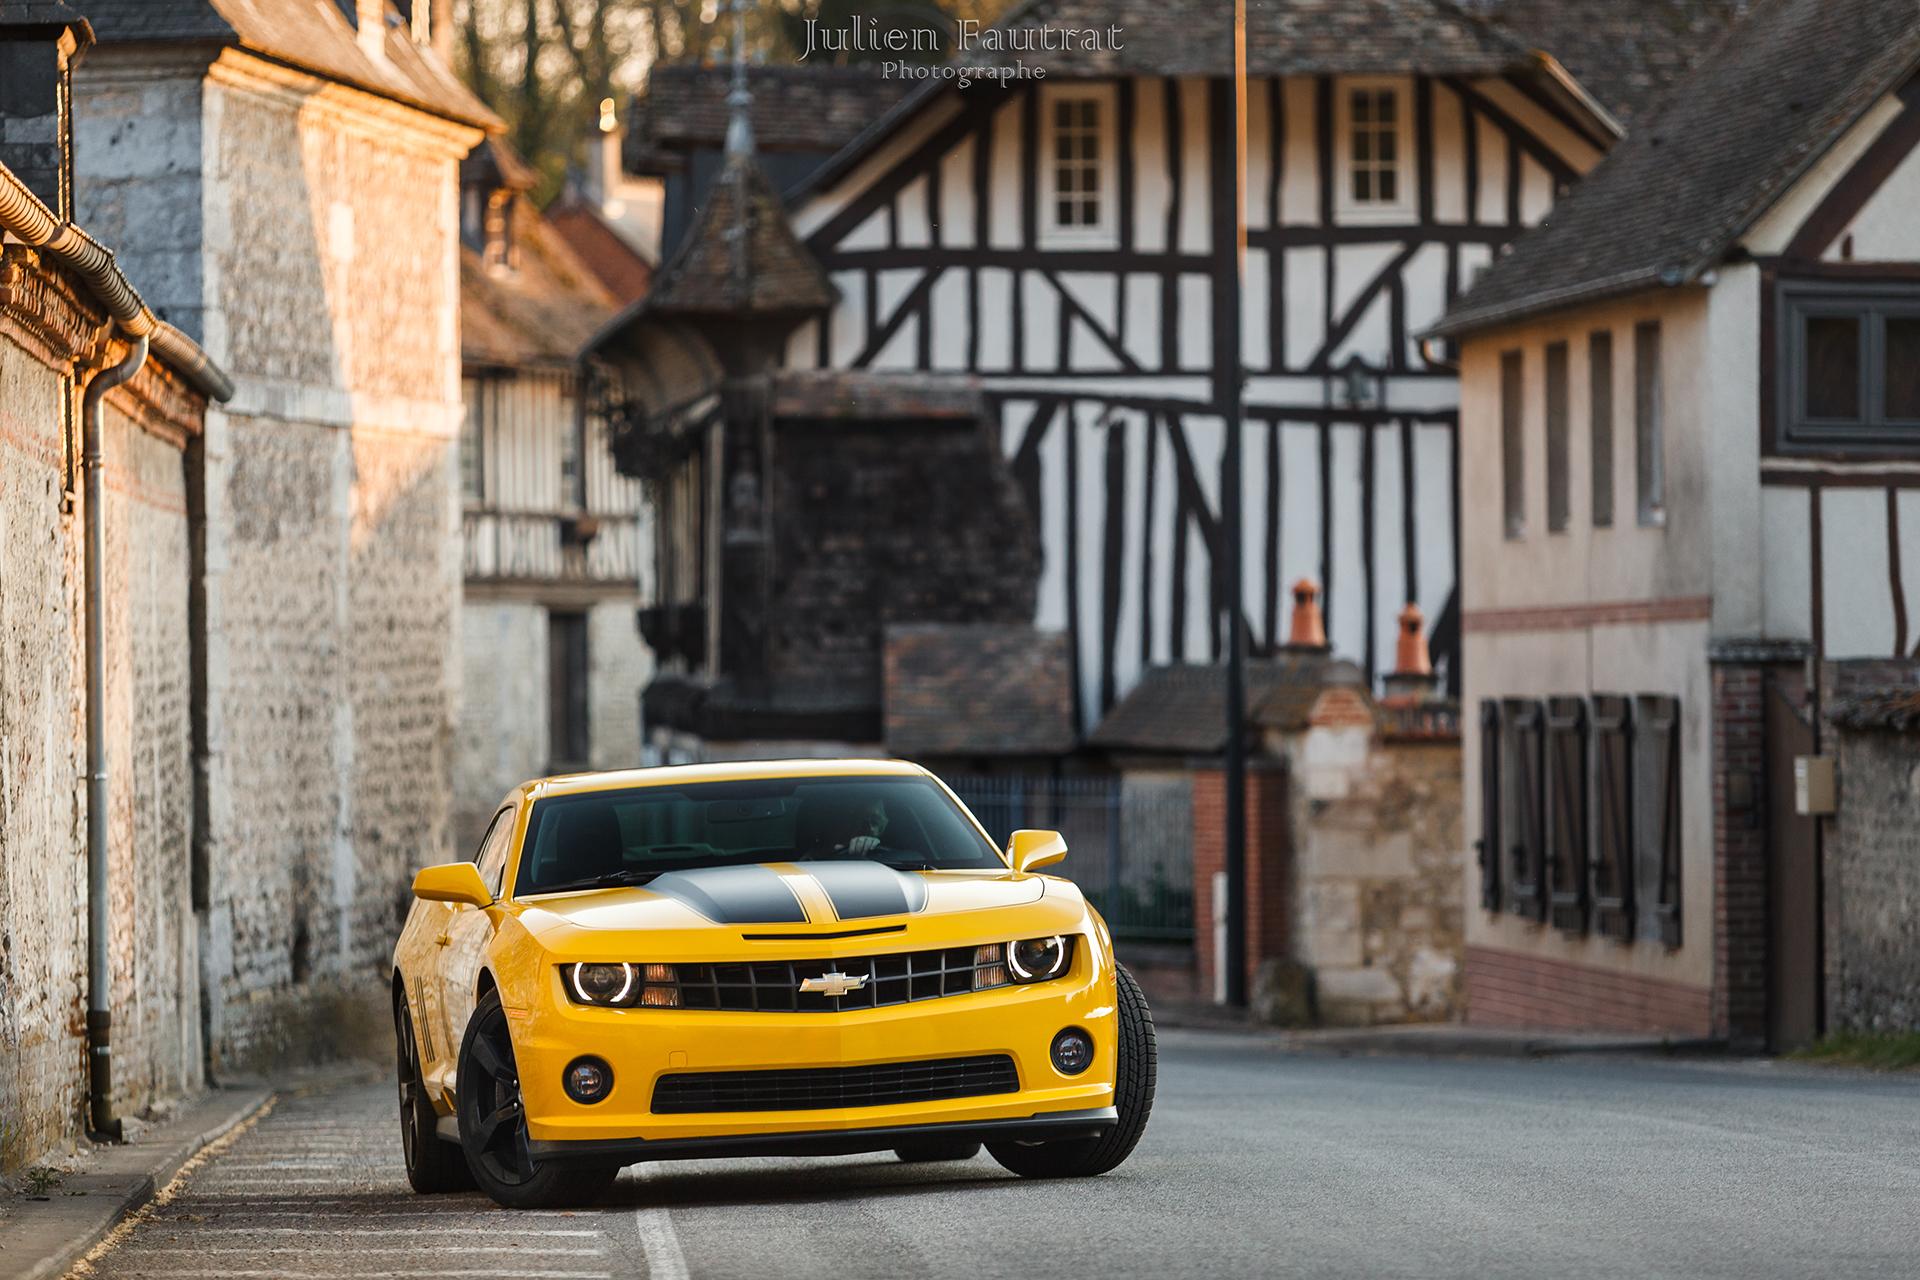 foto yellow chevrolet coche stock spark in editorial de depositphotos car en leipzig photo amarillo